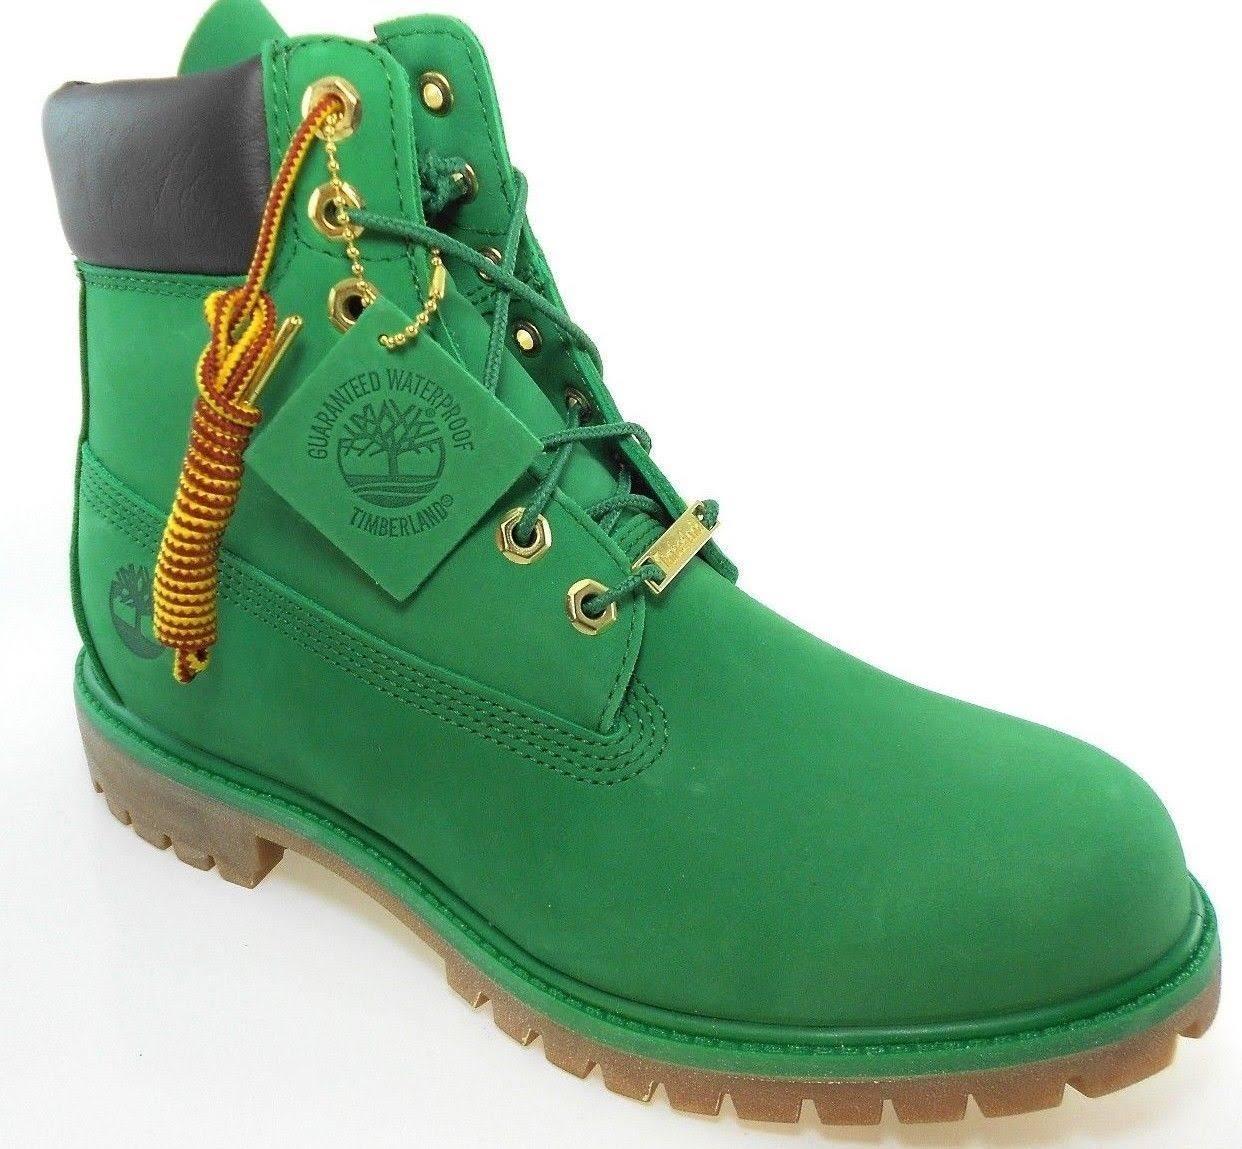 Timberland 11 Scuro Pollici Boot 5 Rosso GreenMarrone Impermeabile Celtic Premium 6 SneakersTaglia 'wintergreen' Mens kwXZTOiuP